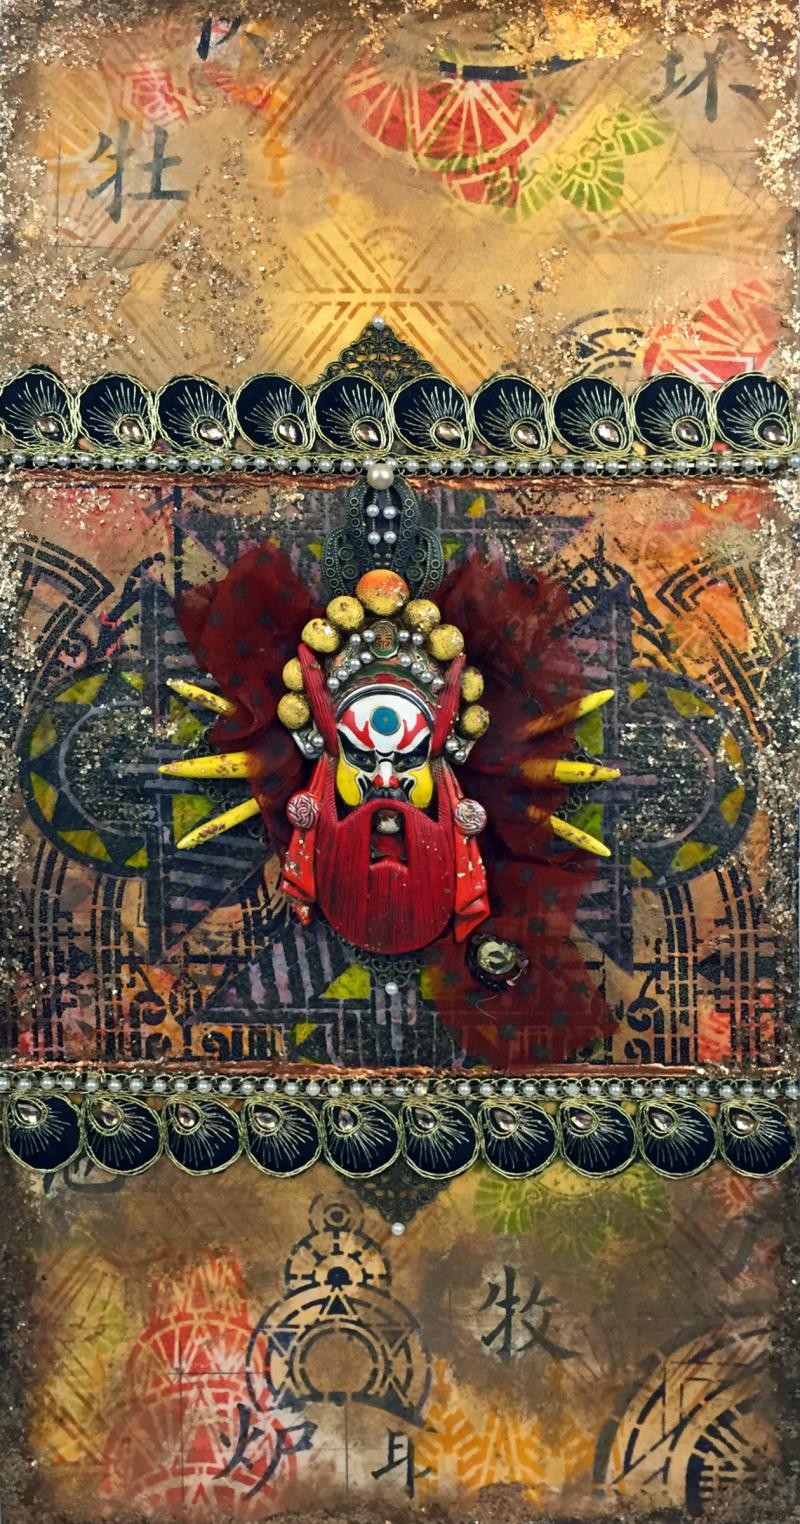 Art Deco Stencils - Art Deco Asian Fusion Panel - Gwen Lafleur